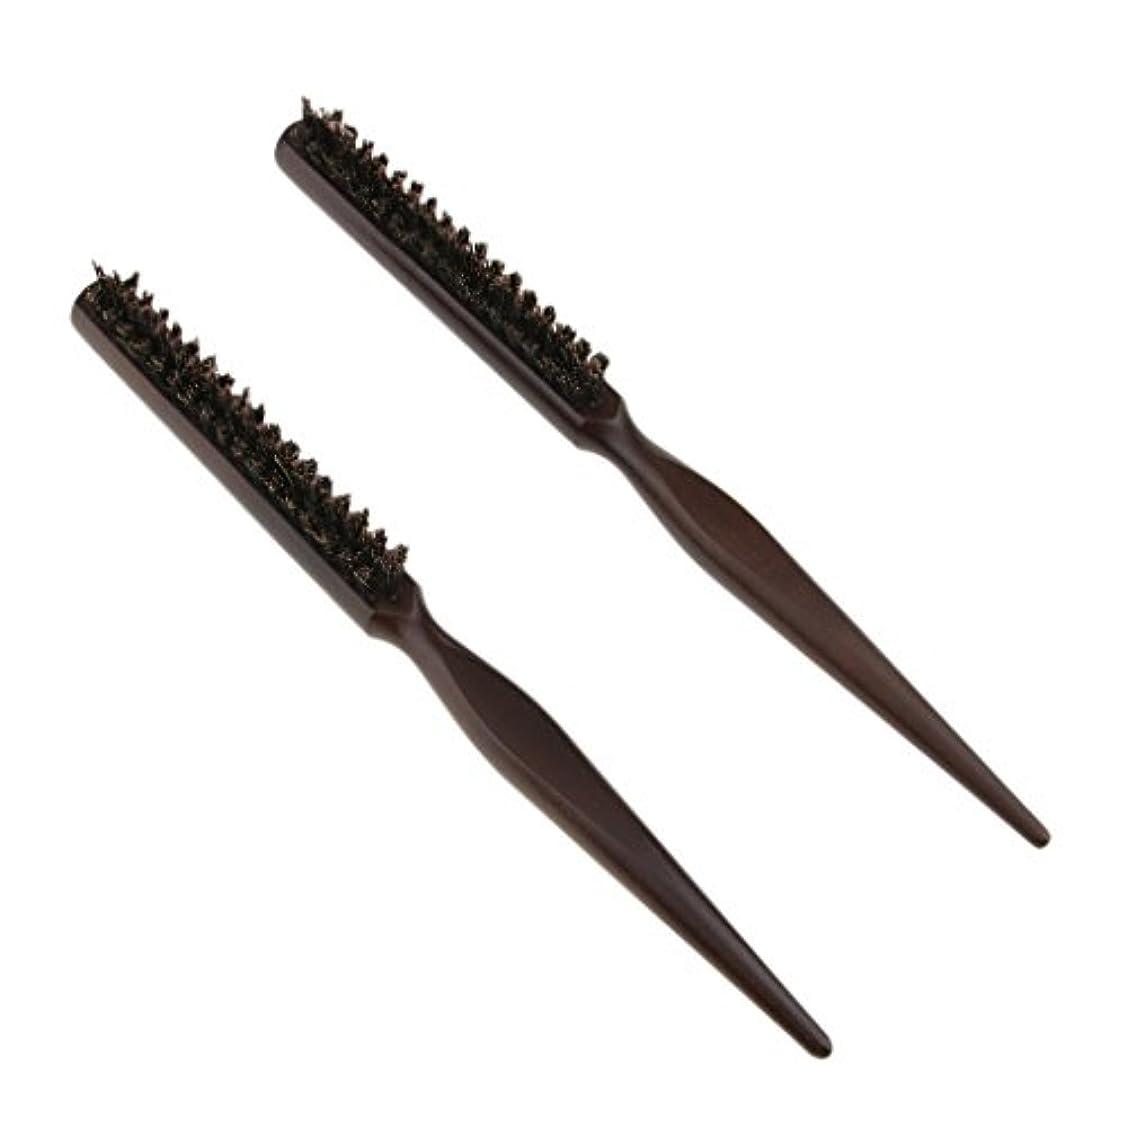 エネルギーマインドフル限りDYNWAVE 2本3行木材自然の剛毛のおしゃぶりブラシの後ろのブラシのブラシ24センチメートル